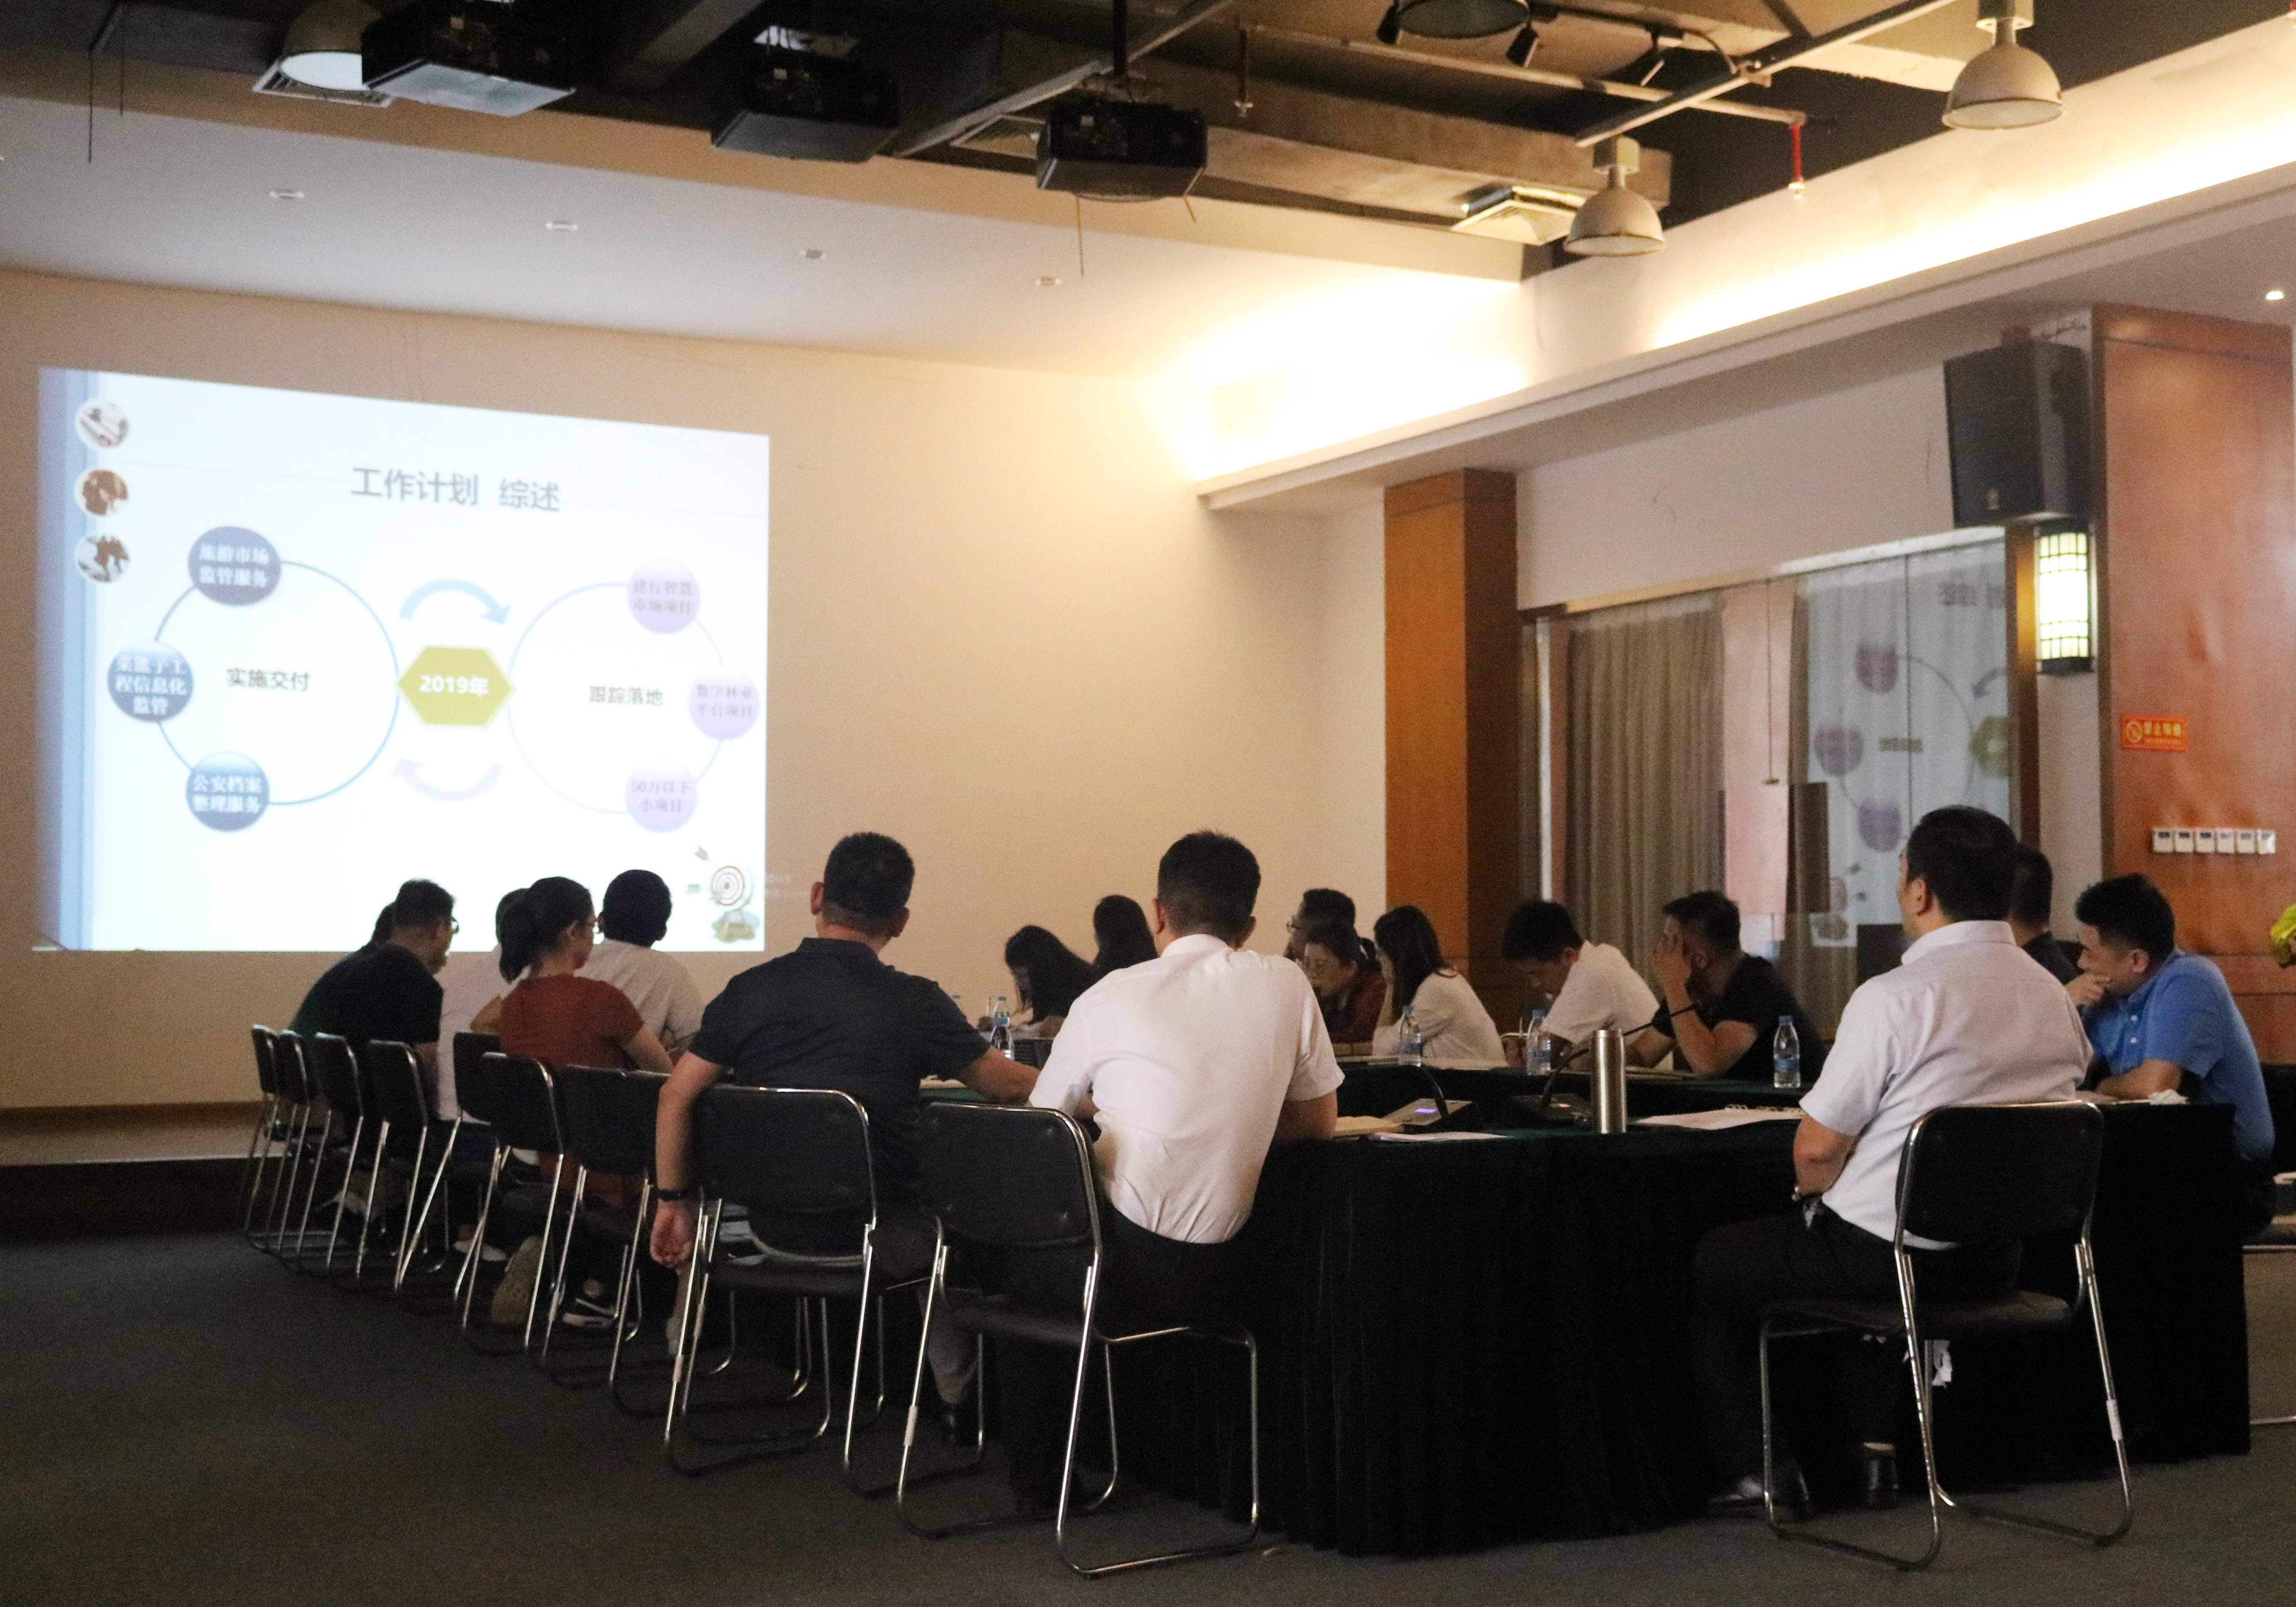 三亚信投公司召开2019年度上半年总结暨下半年工作计划大会